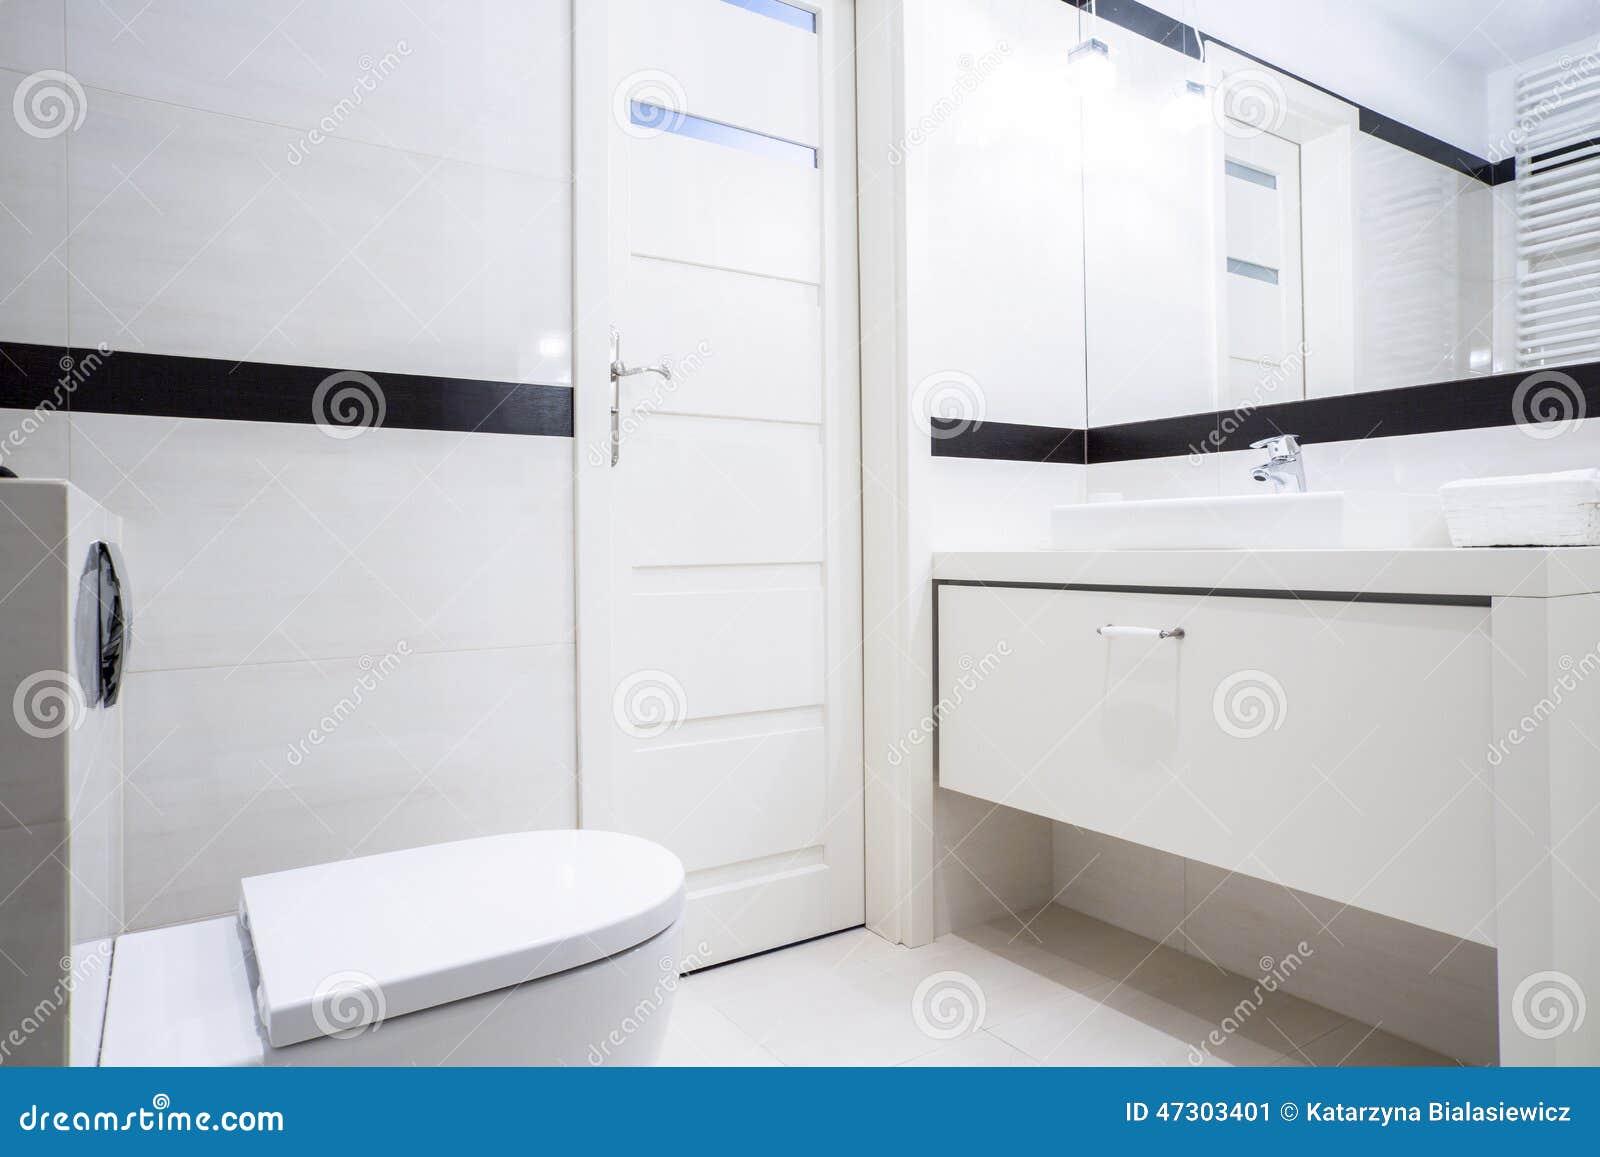 petite salle de bains noire et blanche photo stock image. Black Bedroom Furniture Sets. Home Design Ideas